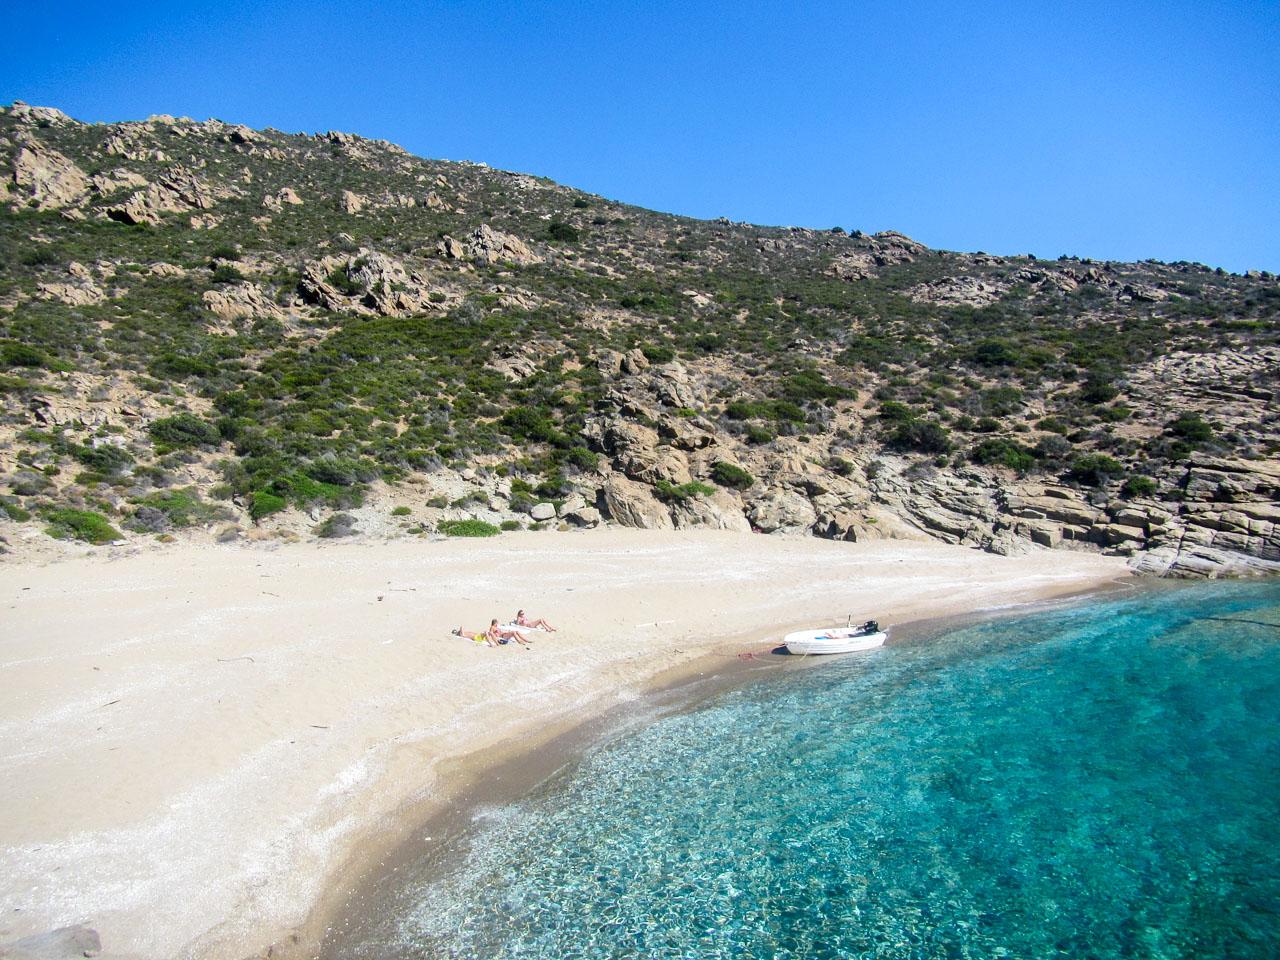 Una spiaggia dell'Isola di Ios da raggiungere in traghetto